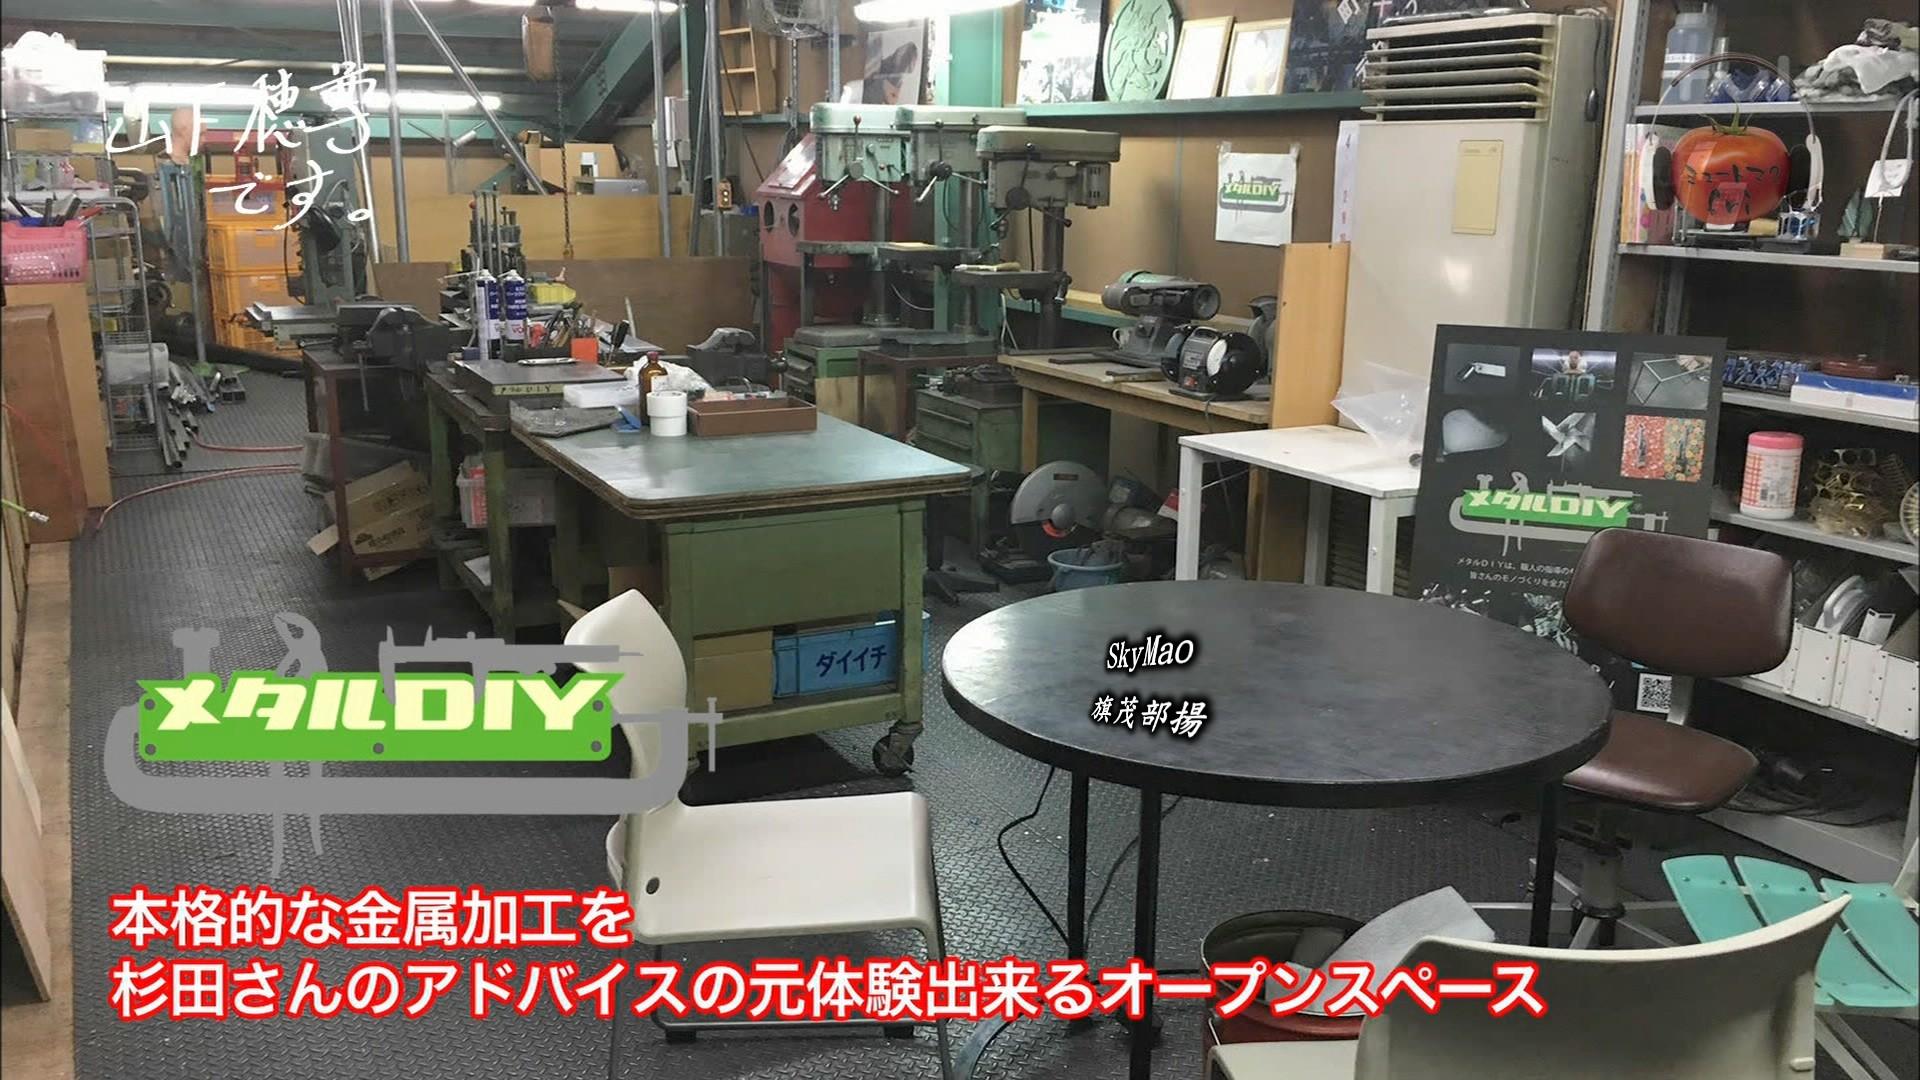 2017.06.09 全場(ミュートマ2).ts_20170610_002418.813